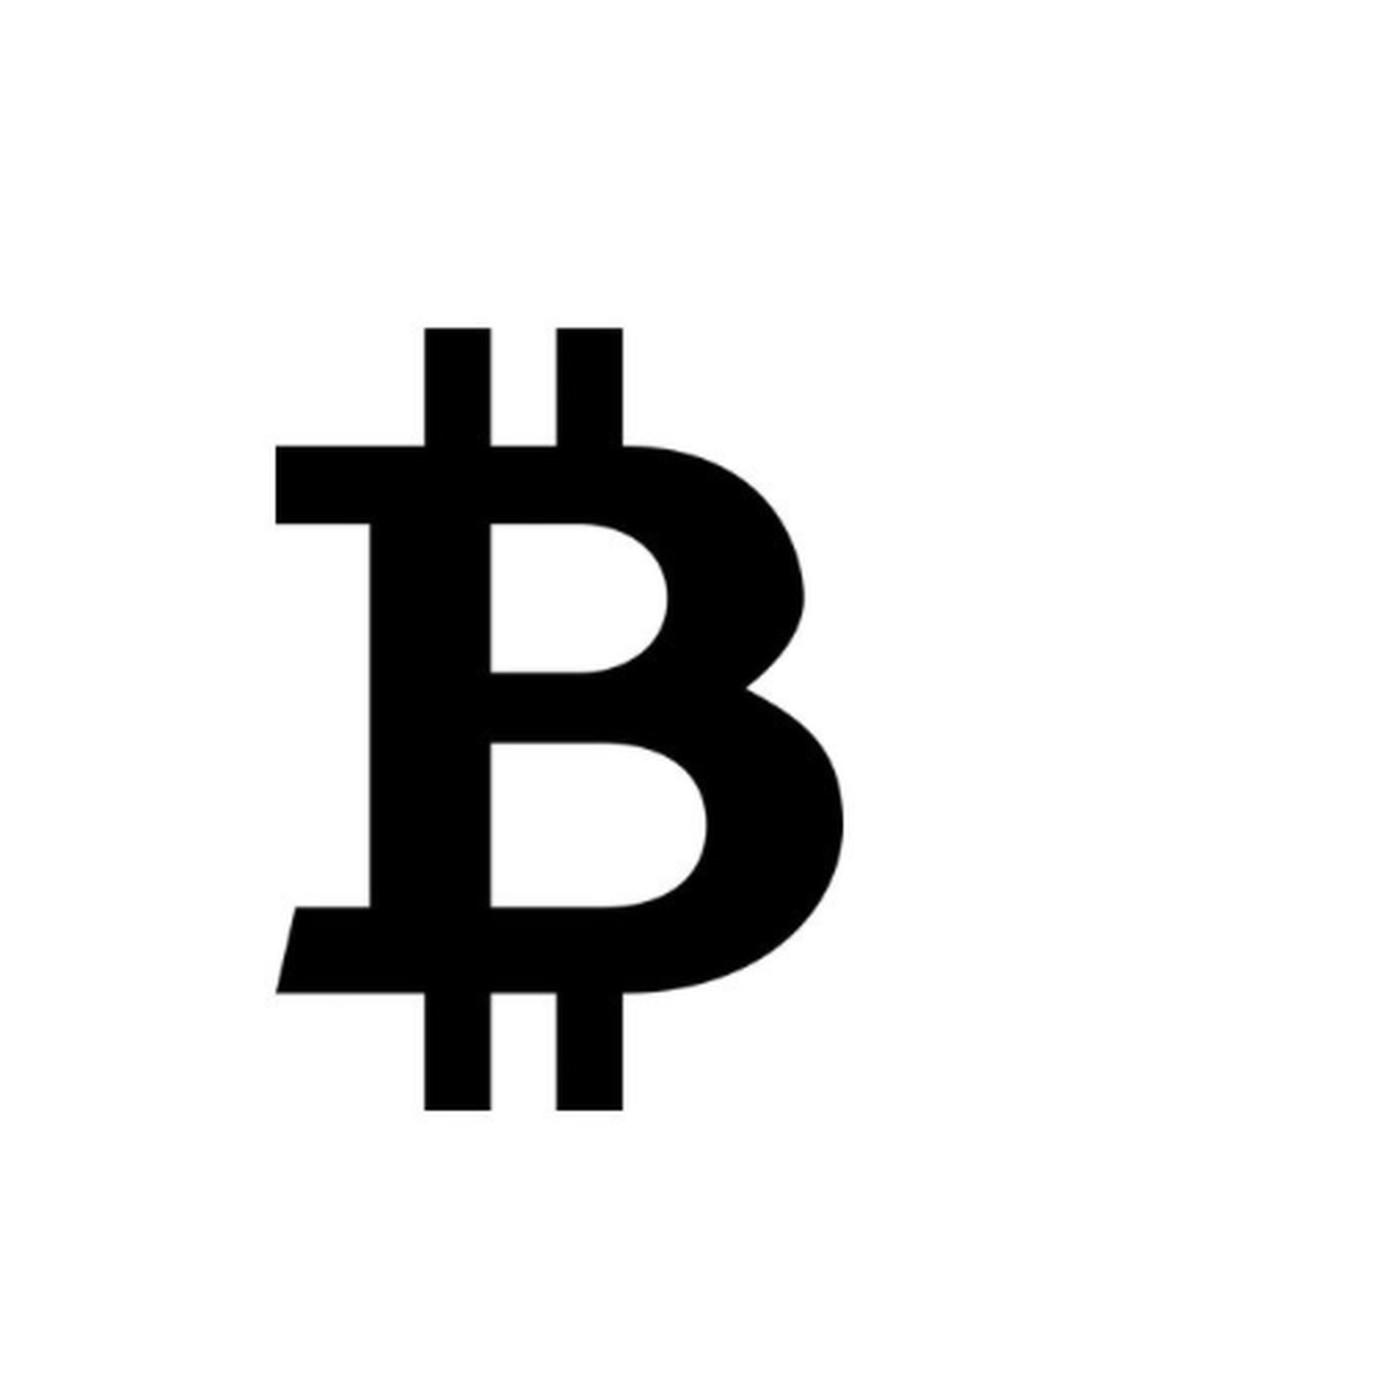 unicode bitcoin